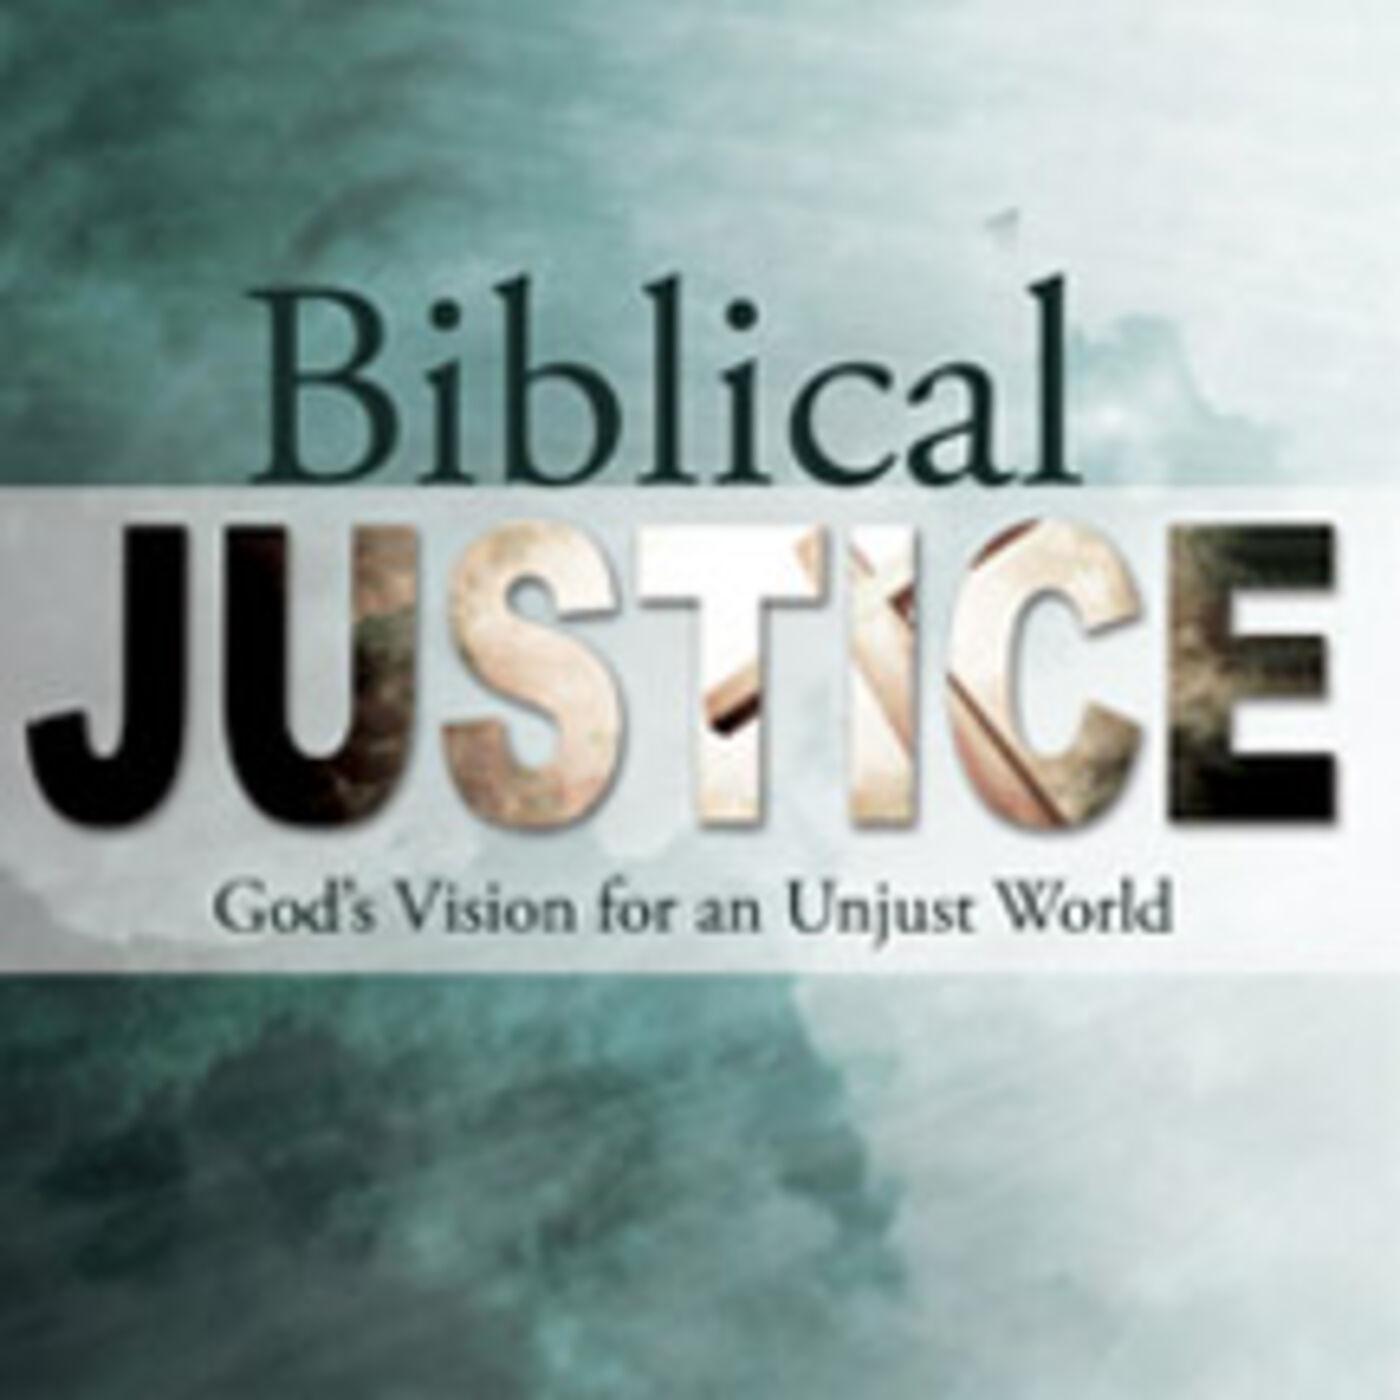 Sept. 20: A Just Church for an Unjust World